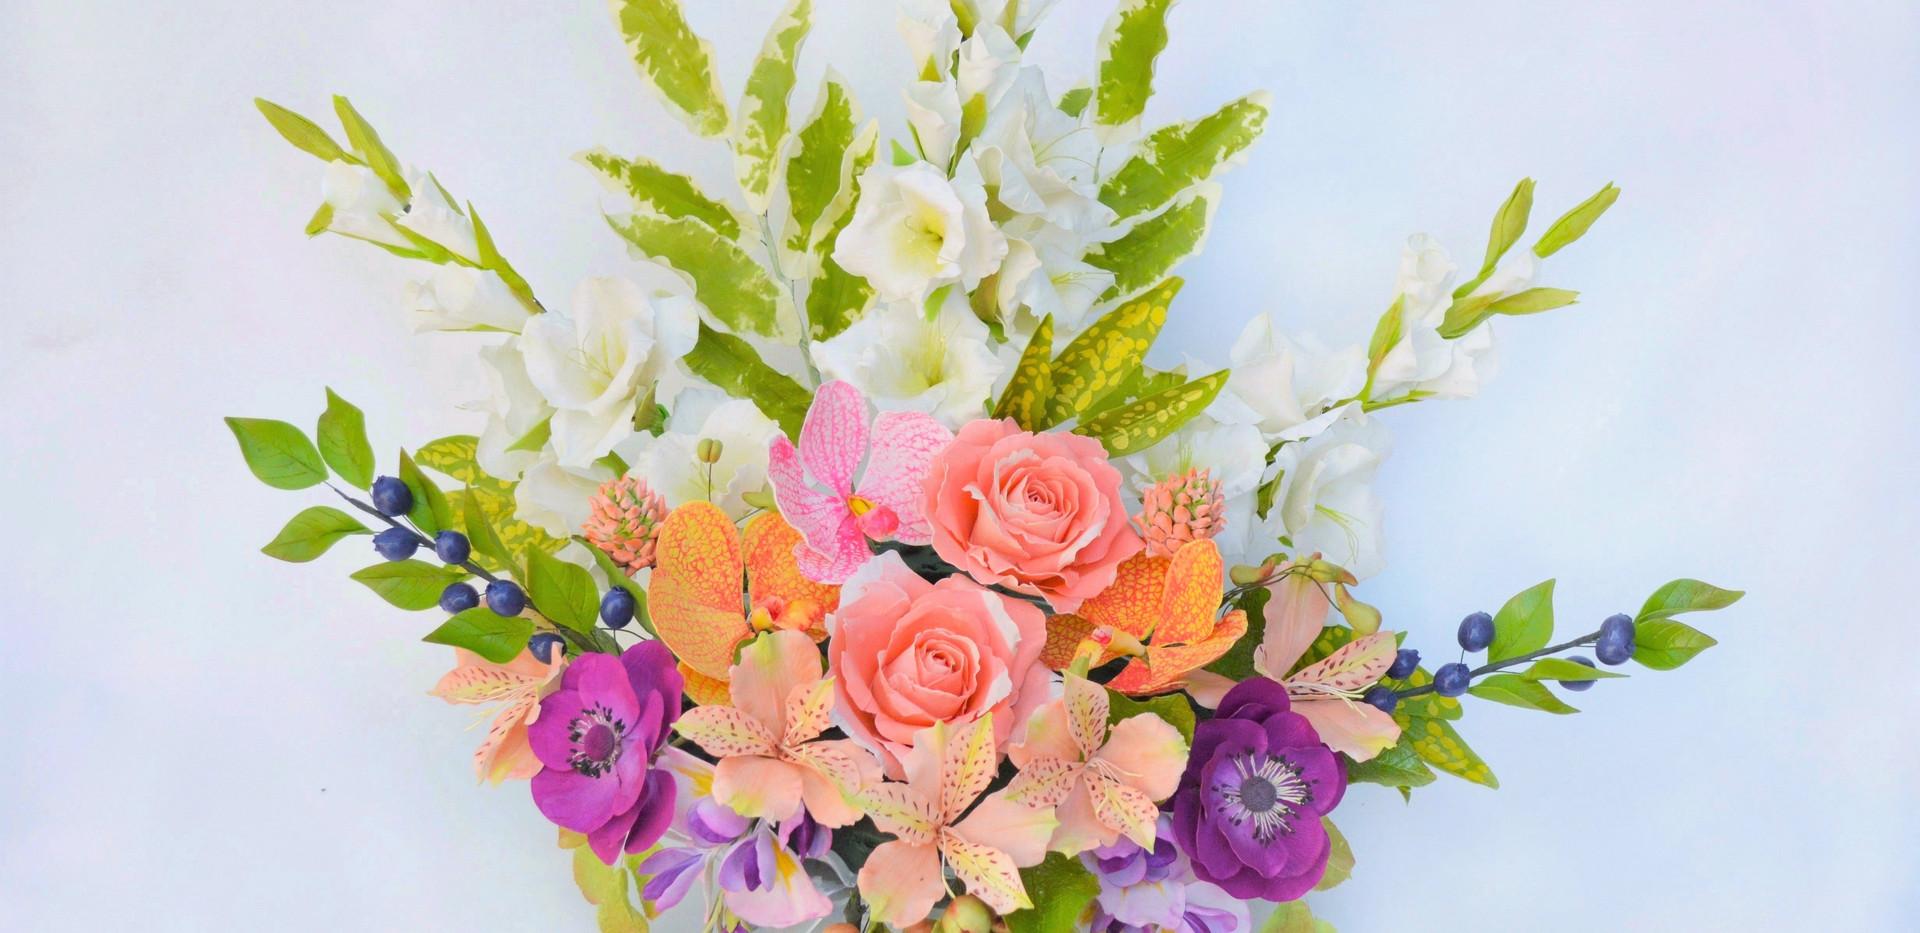 Gumpaste flower arrnagement